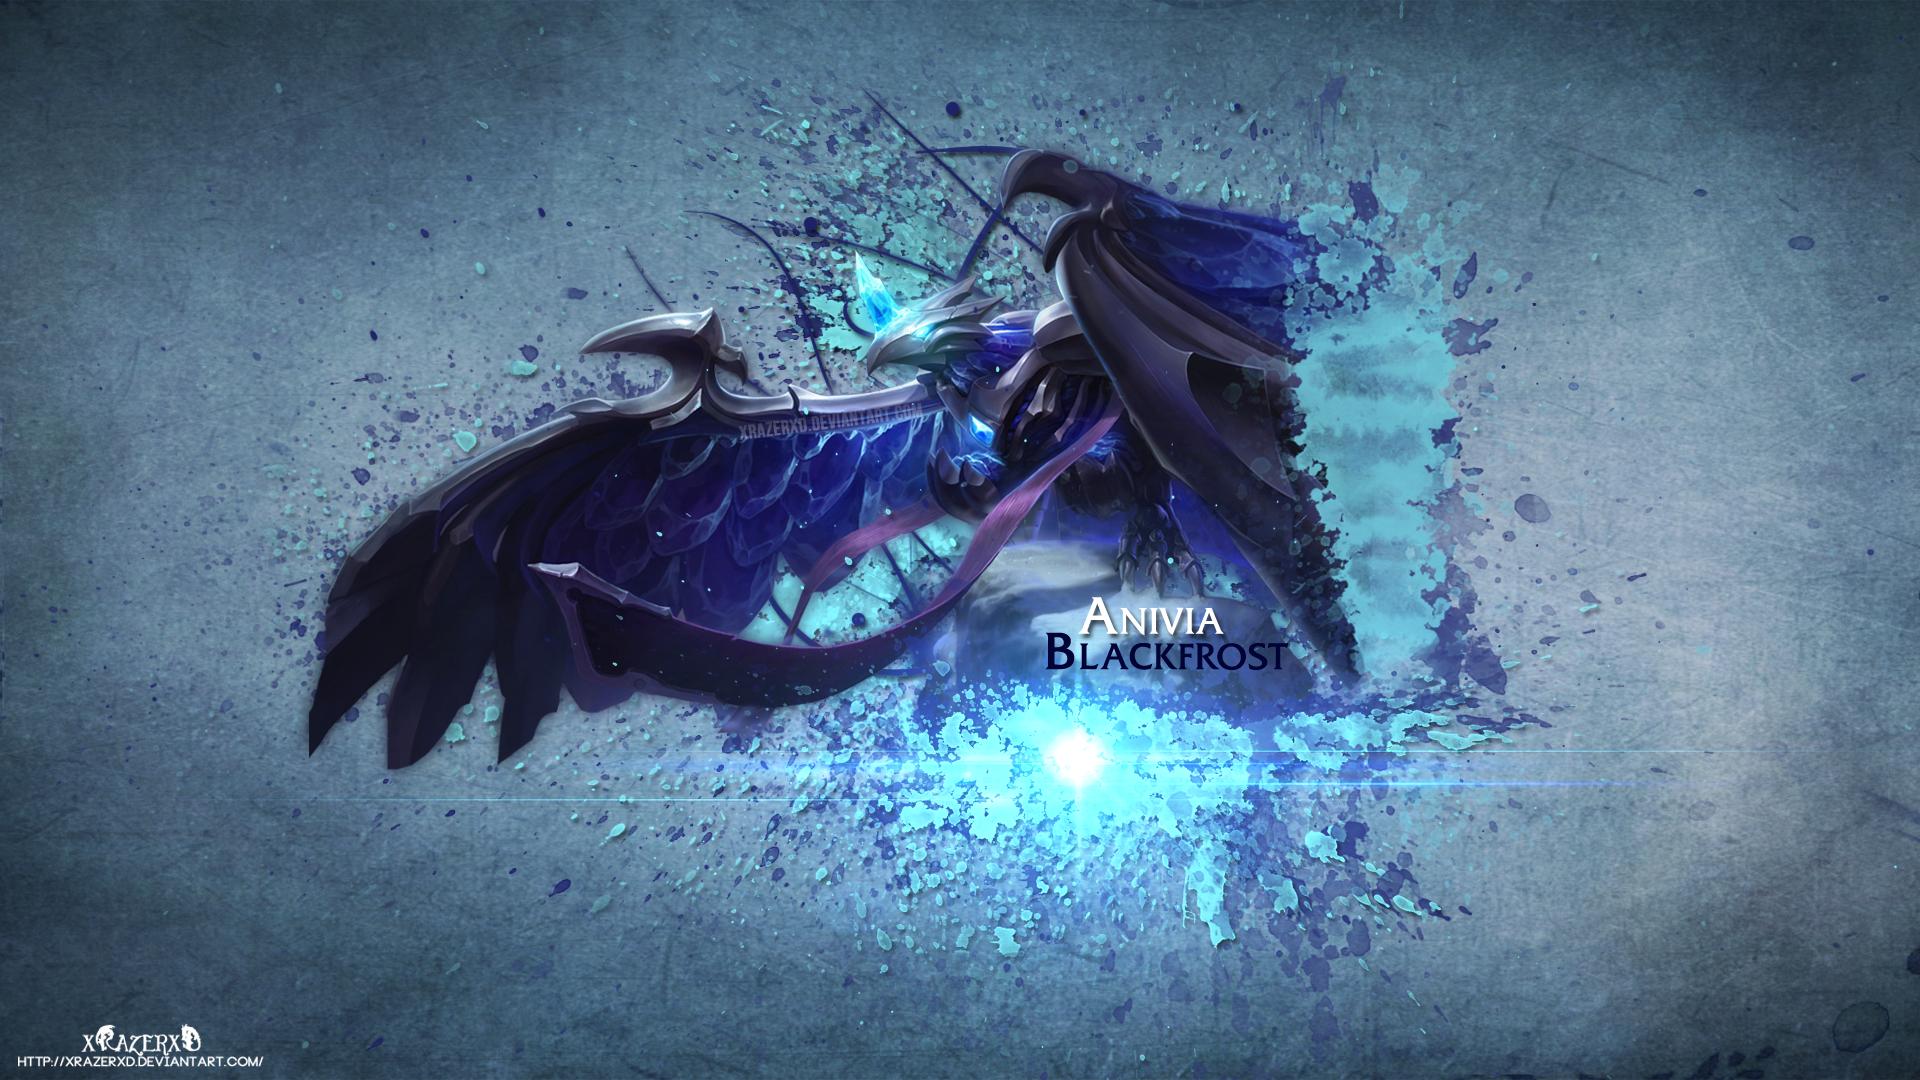 BlackFrost Anivia Fan Art - League of Legends Wallpapers  Blackfrost